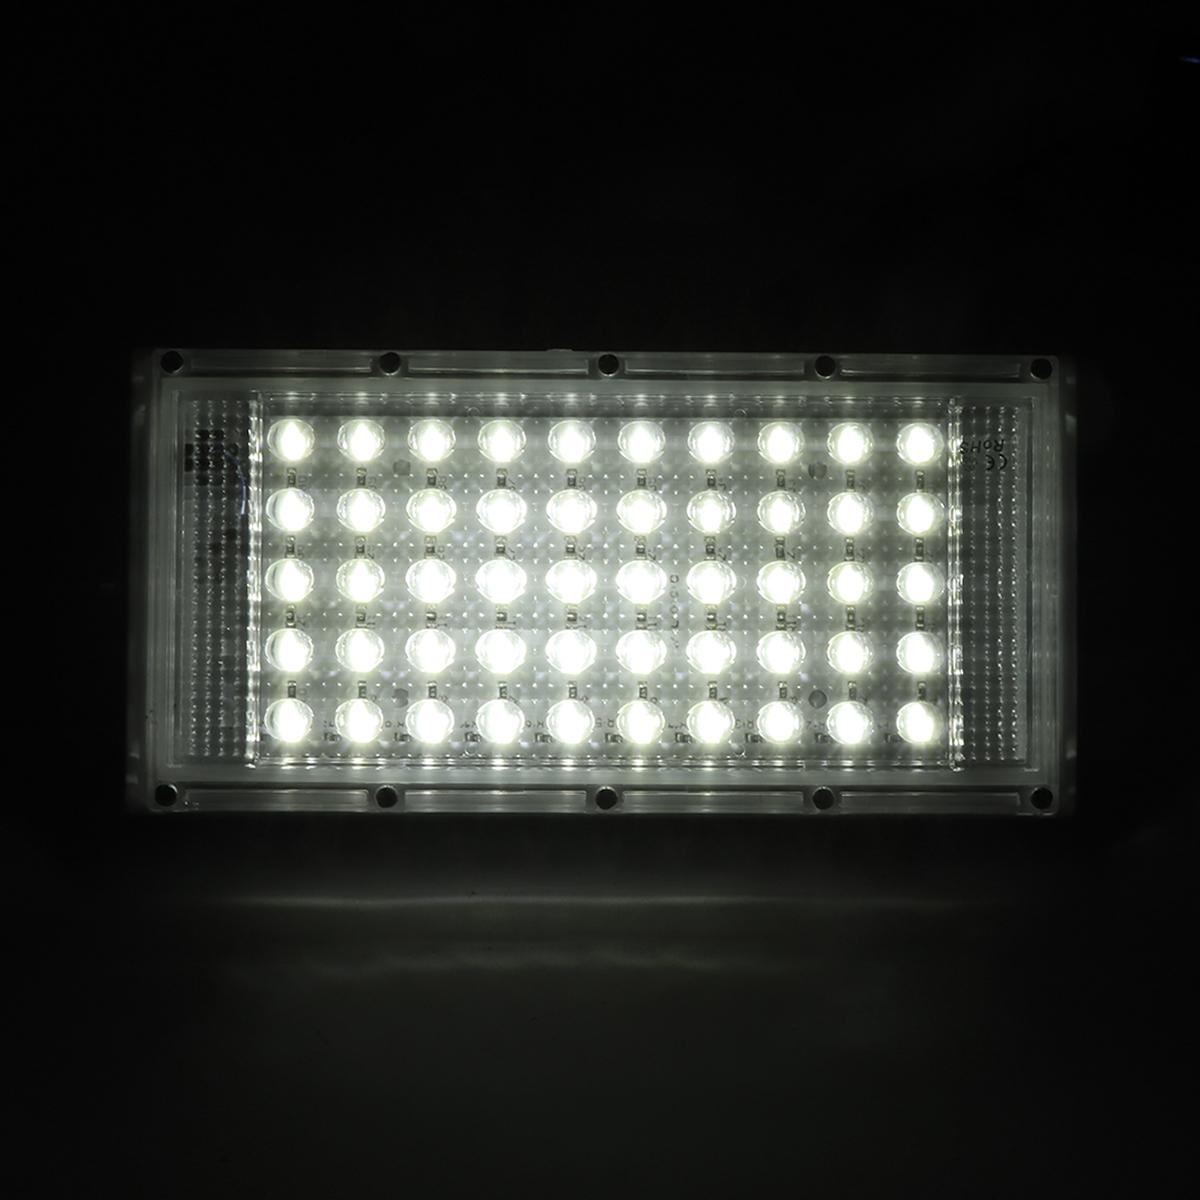 50W 2835 SMD LED Flood Light Weatherproof Garden Outdoor Security Landscape Lamp EU/US Plug AC85-265V